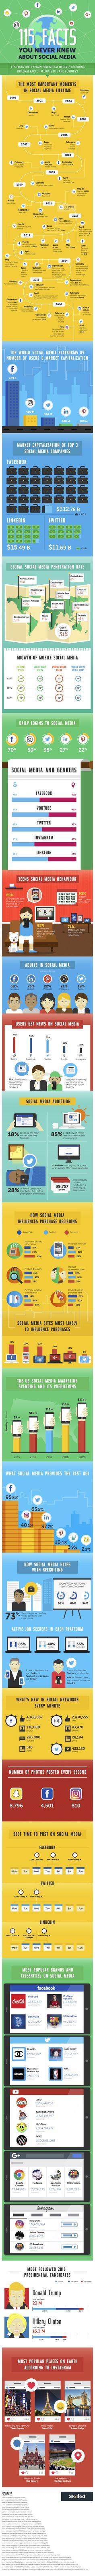 115 (sim 115!) fatos para dar uma atualizada geral sobre redes sociais